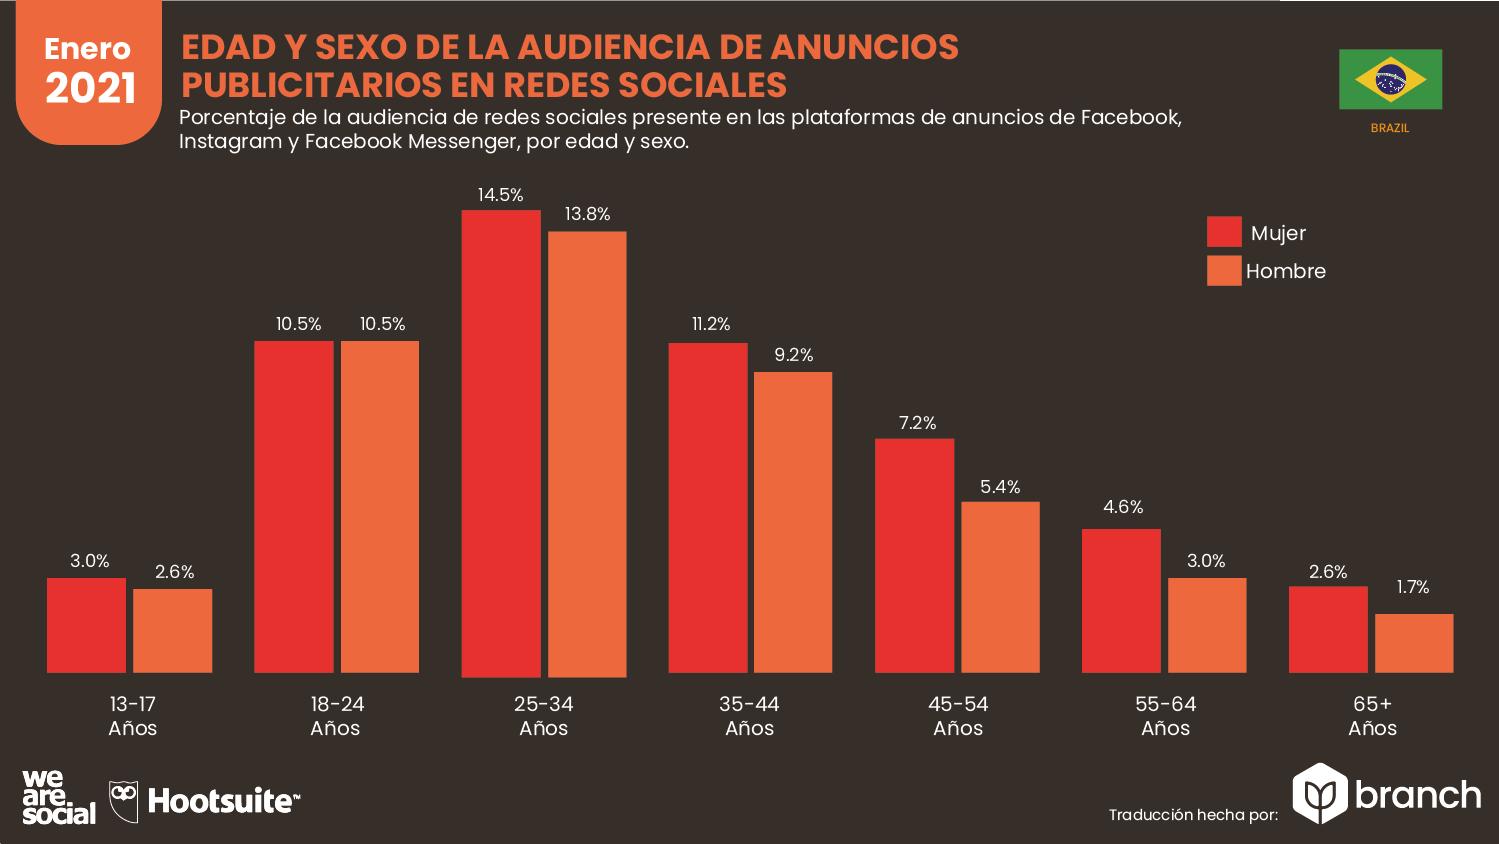 edad-y-sexo-de-la-audiencia-de-anuncios-publicitarios-brasil-2020-2021